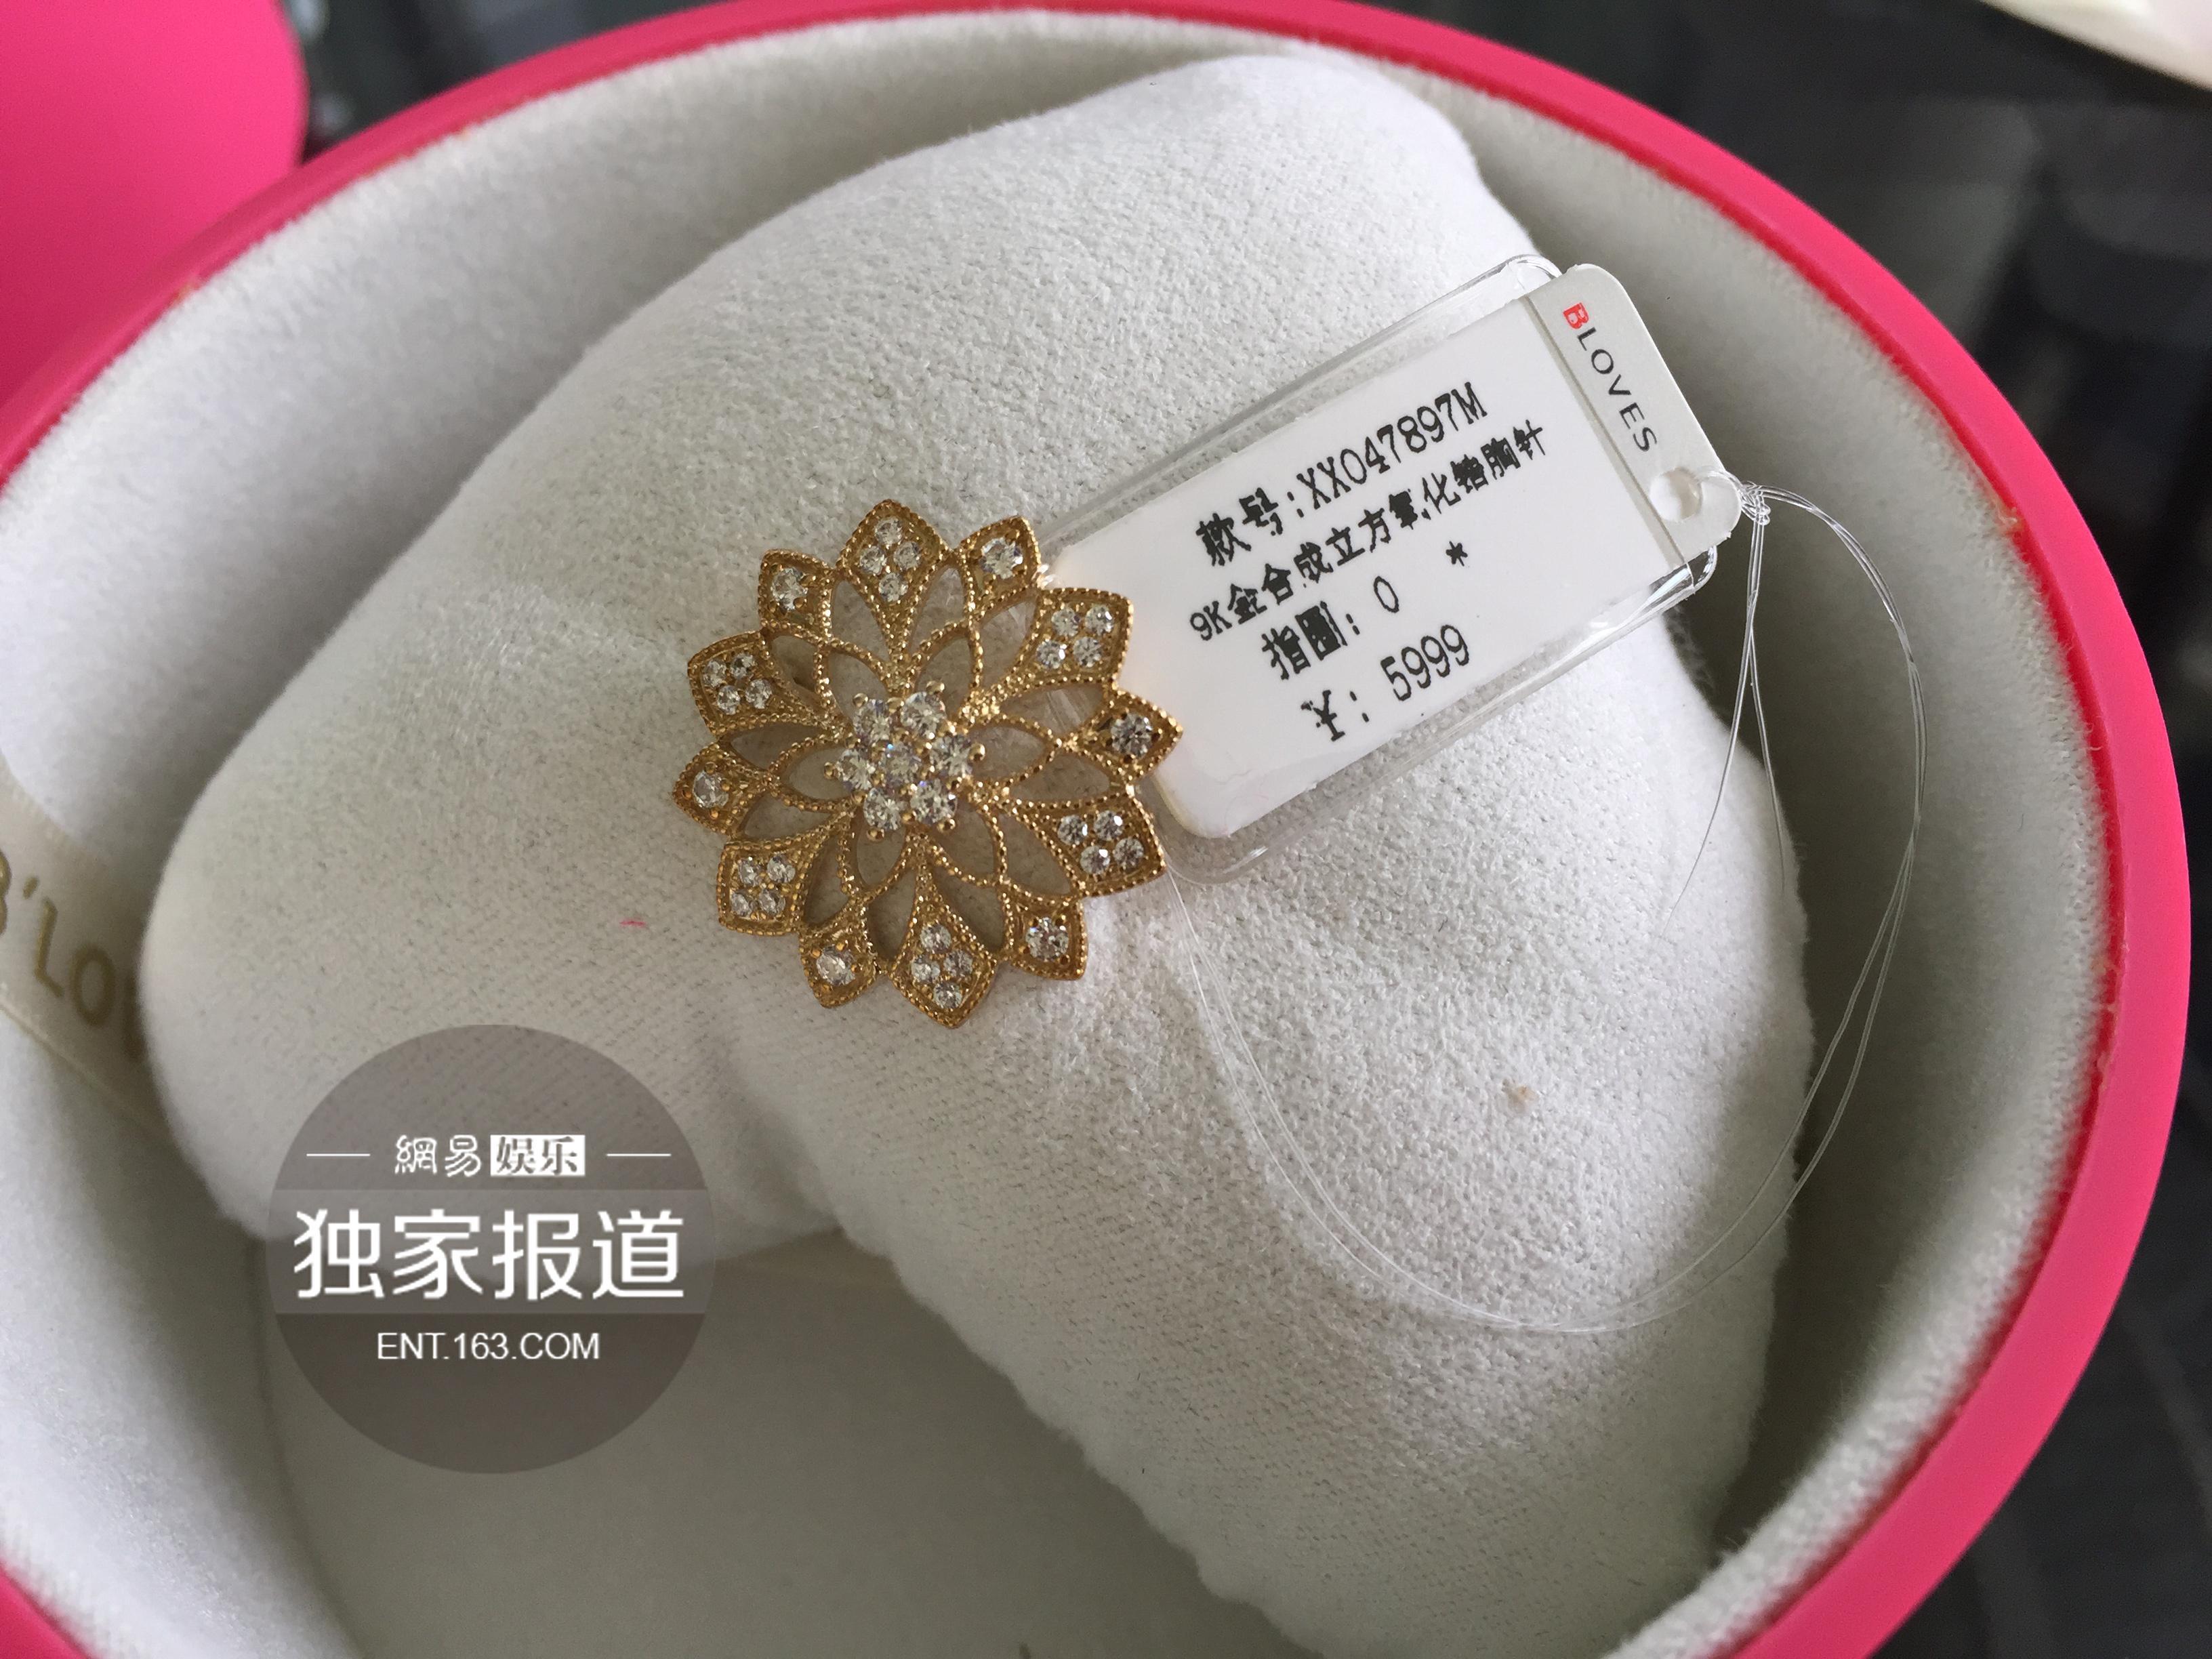 付辛博颖儿婚礼伴手礼曝光 价值5999元